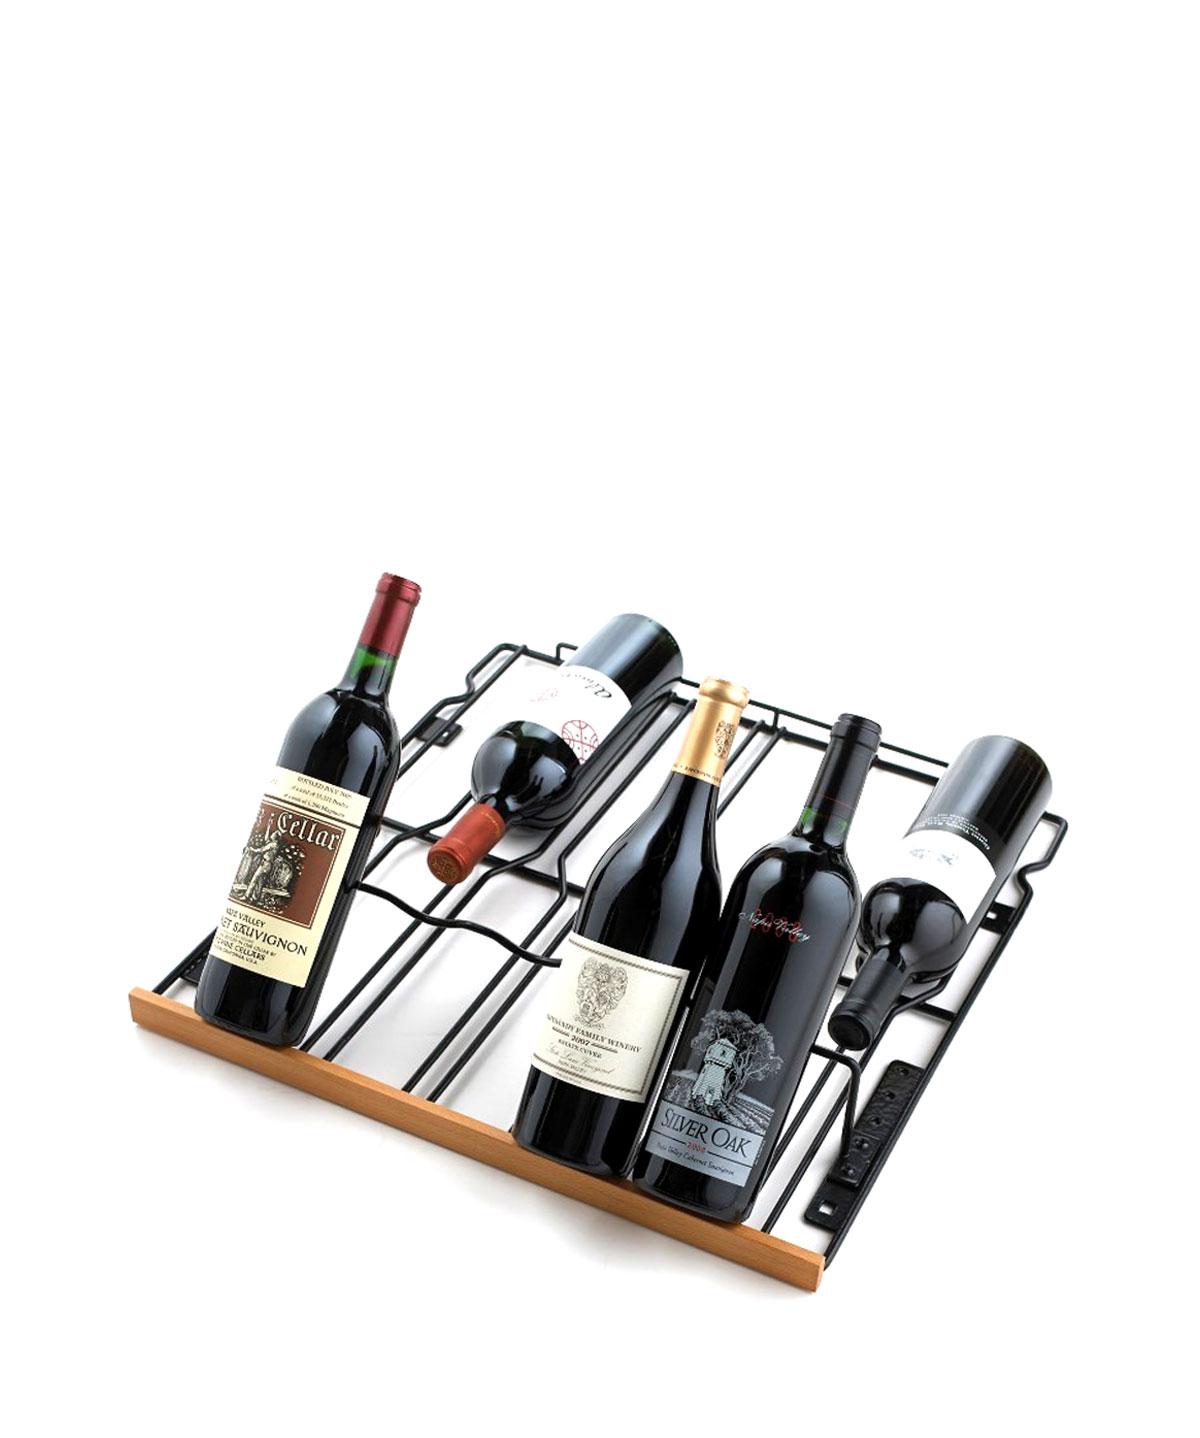 Ripiano inclinato Linea Luxury Presentazione Vini